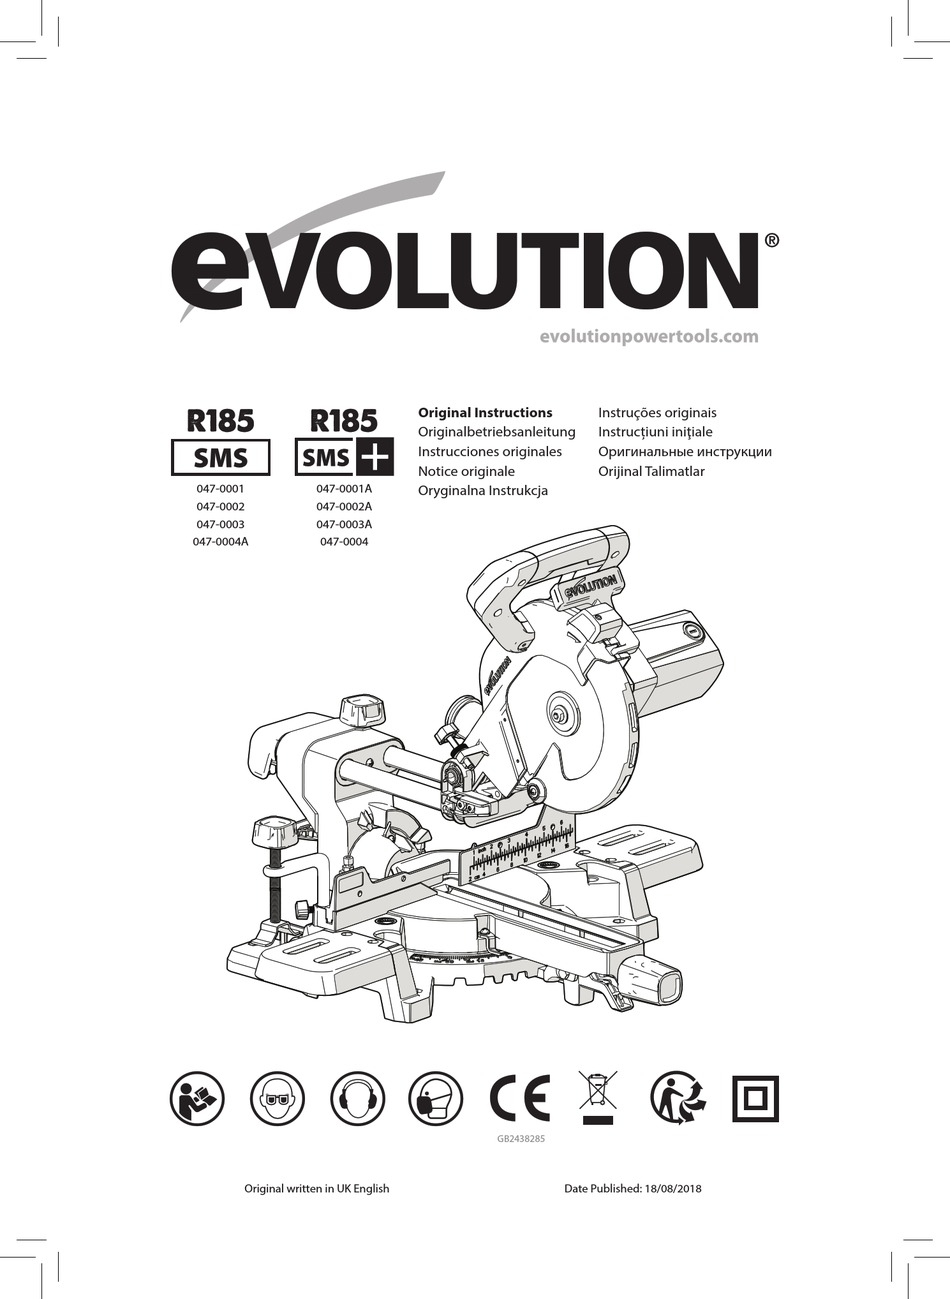 EVOLUTION R185 SMS ORIGINAL INSTRUCTIONS MANUAL Pdf